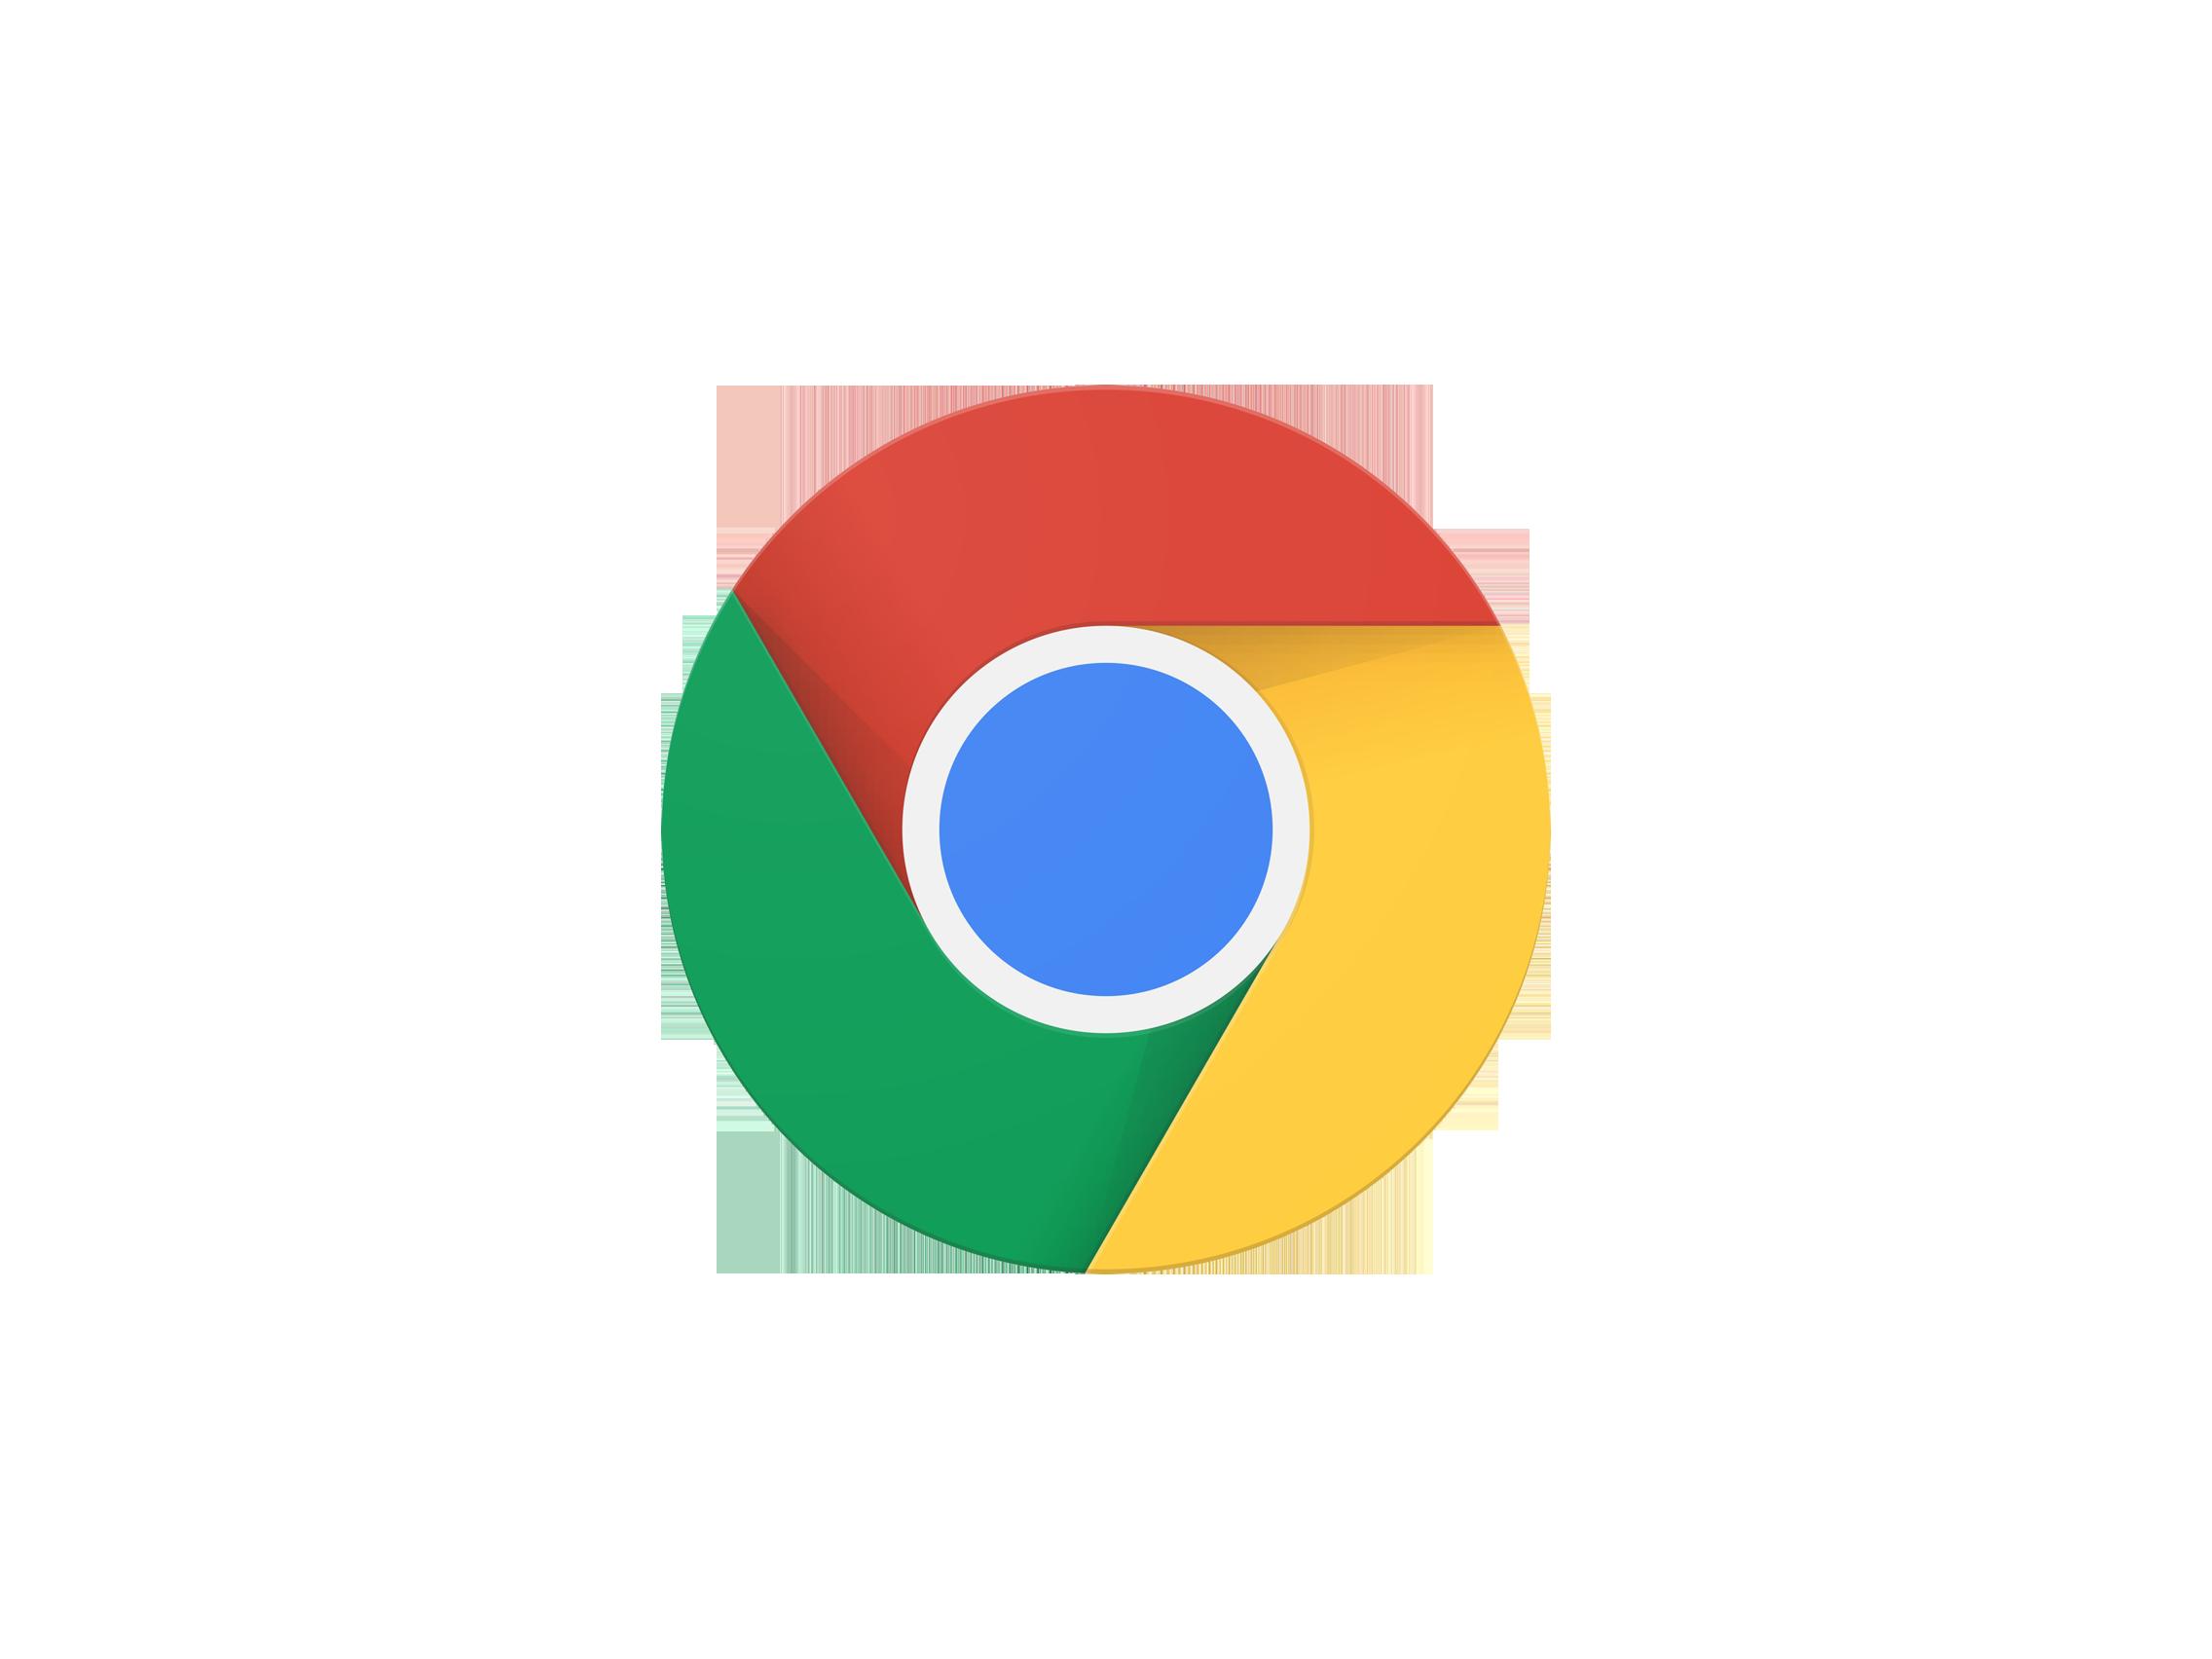 2015 chrome logo image